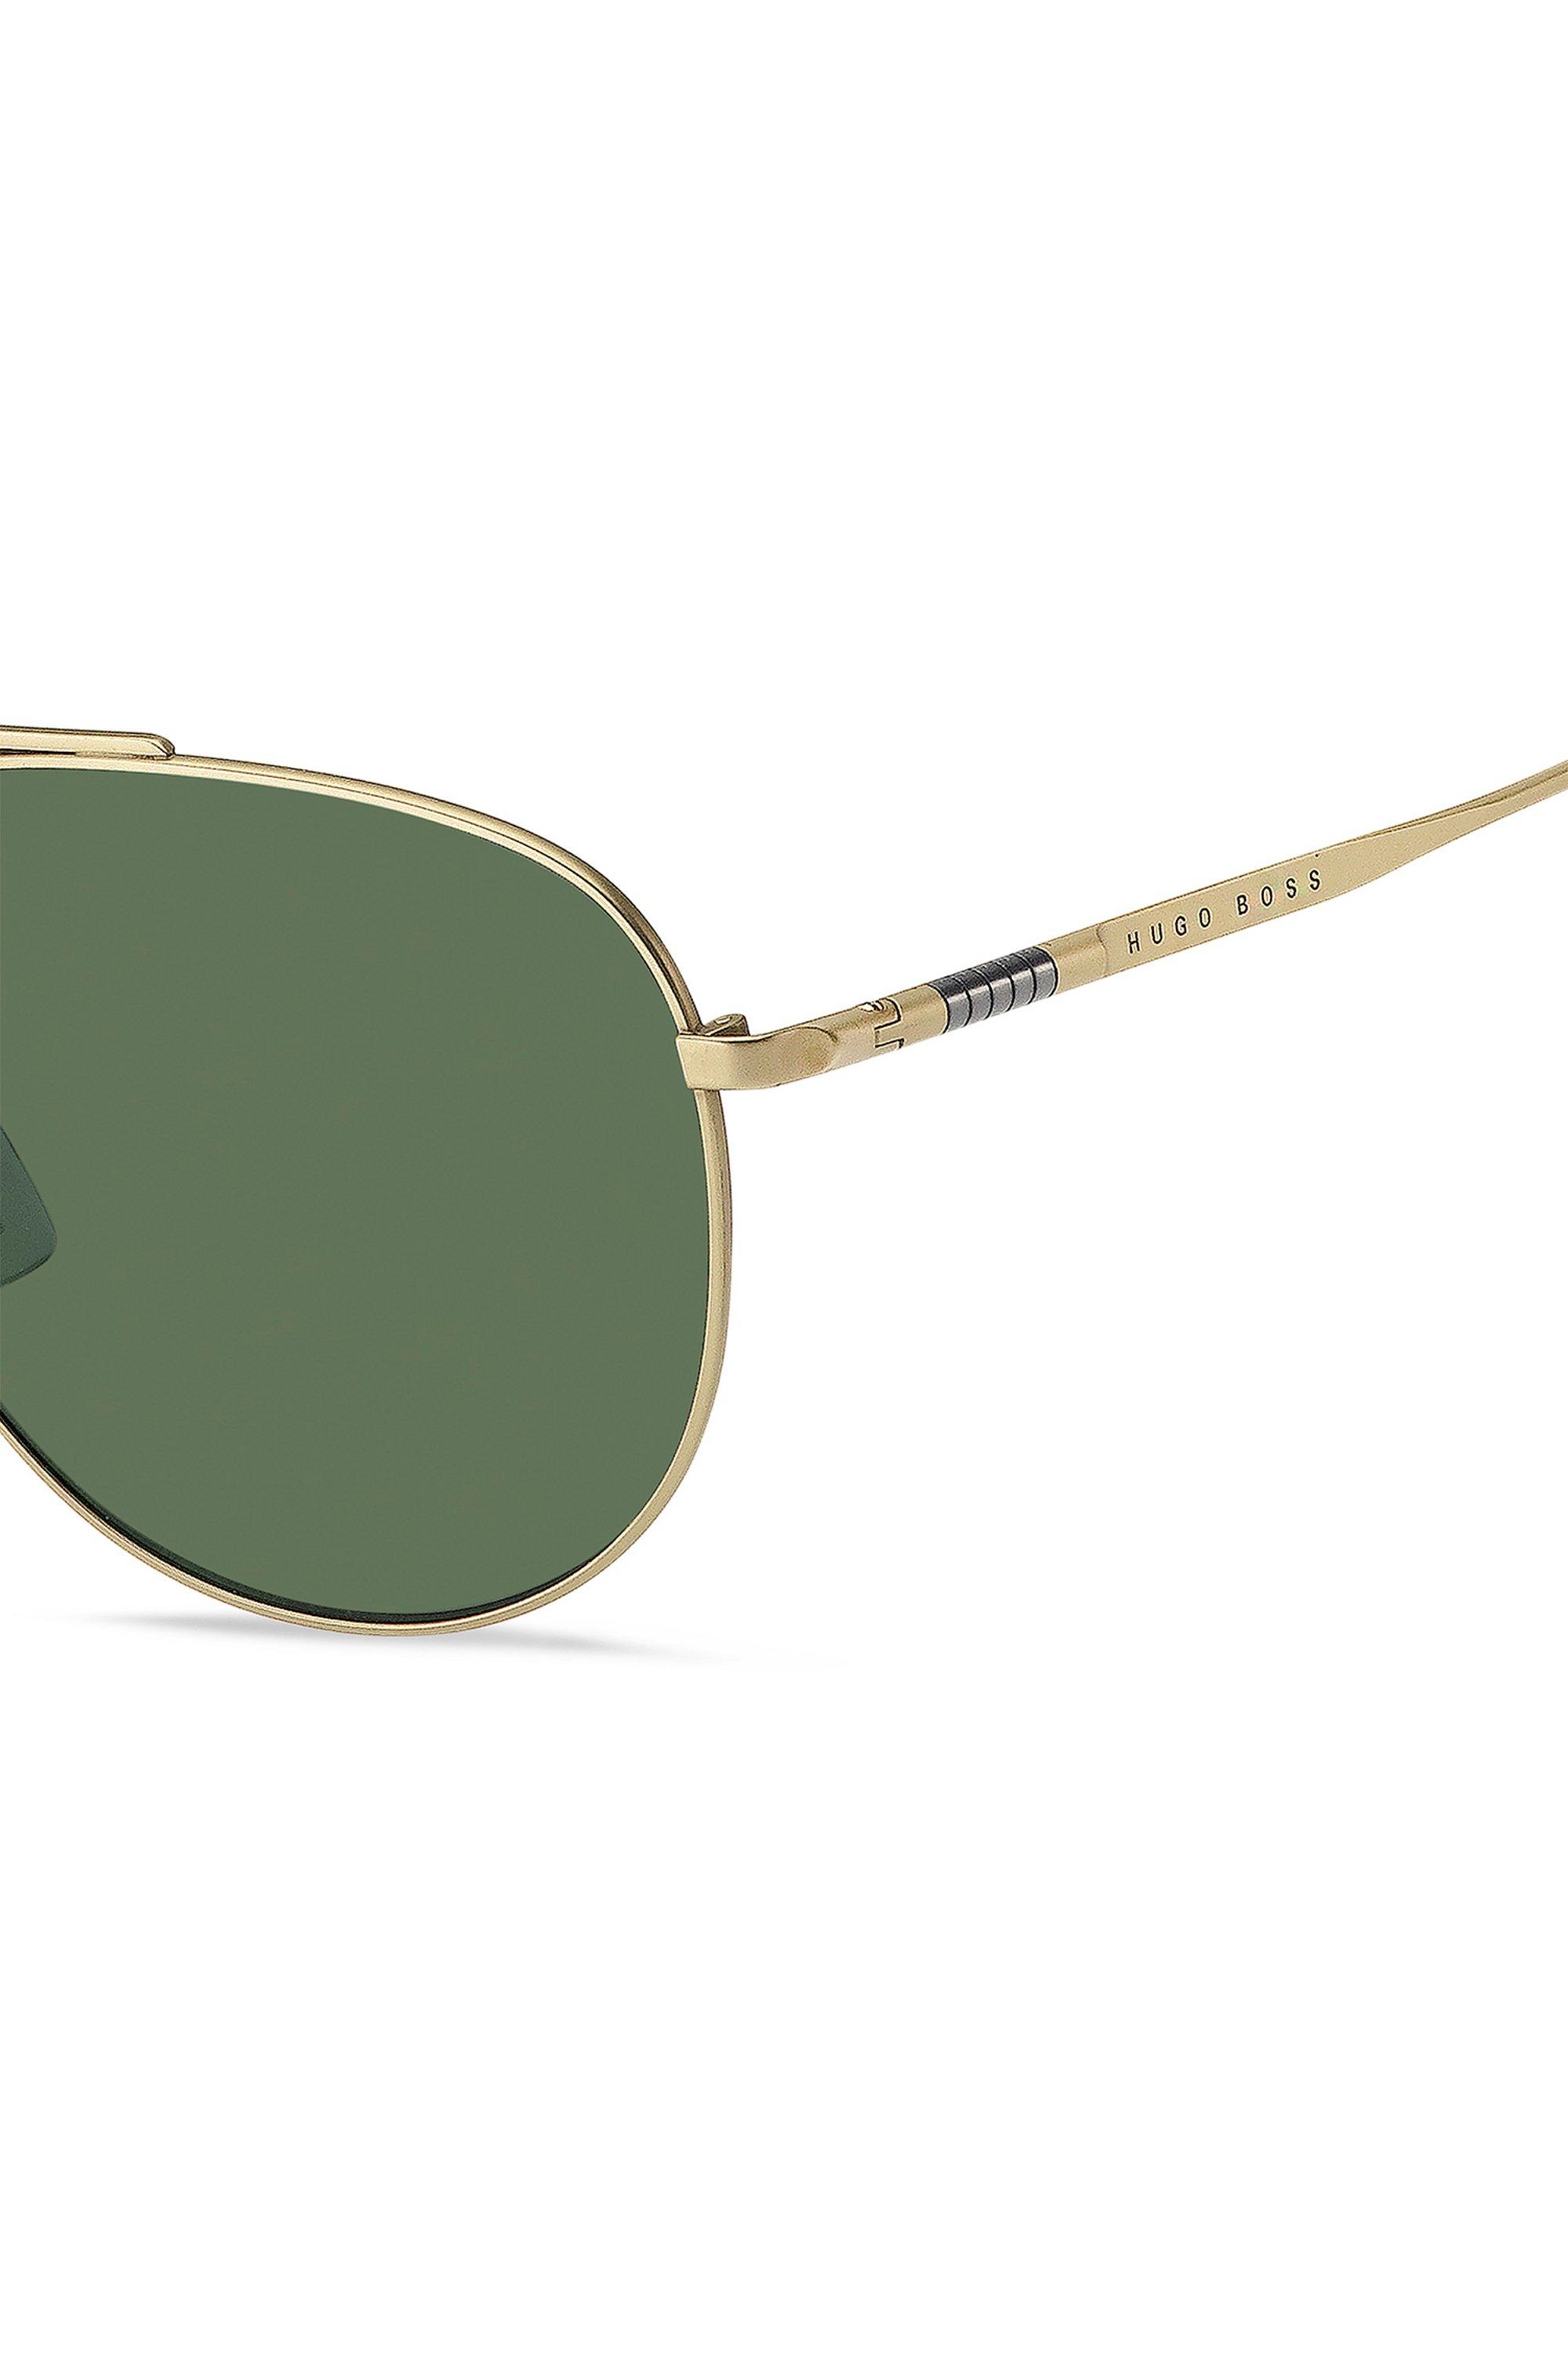 Lichte zonnebril met goudkleurig montuur en groene glazen